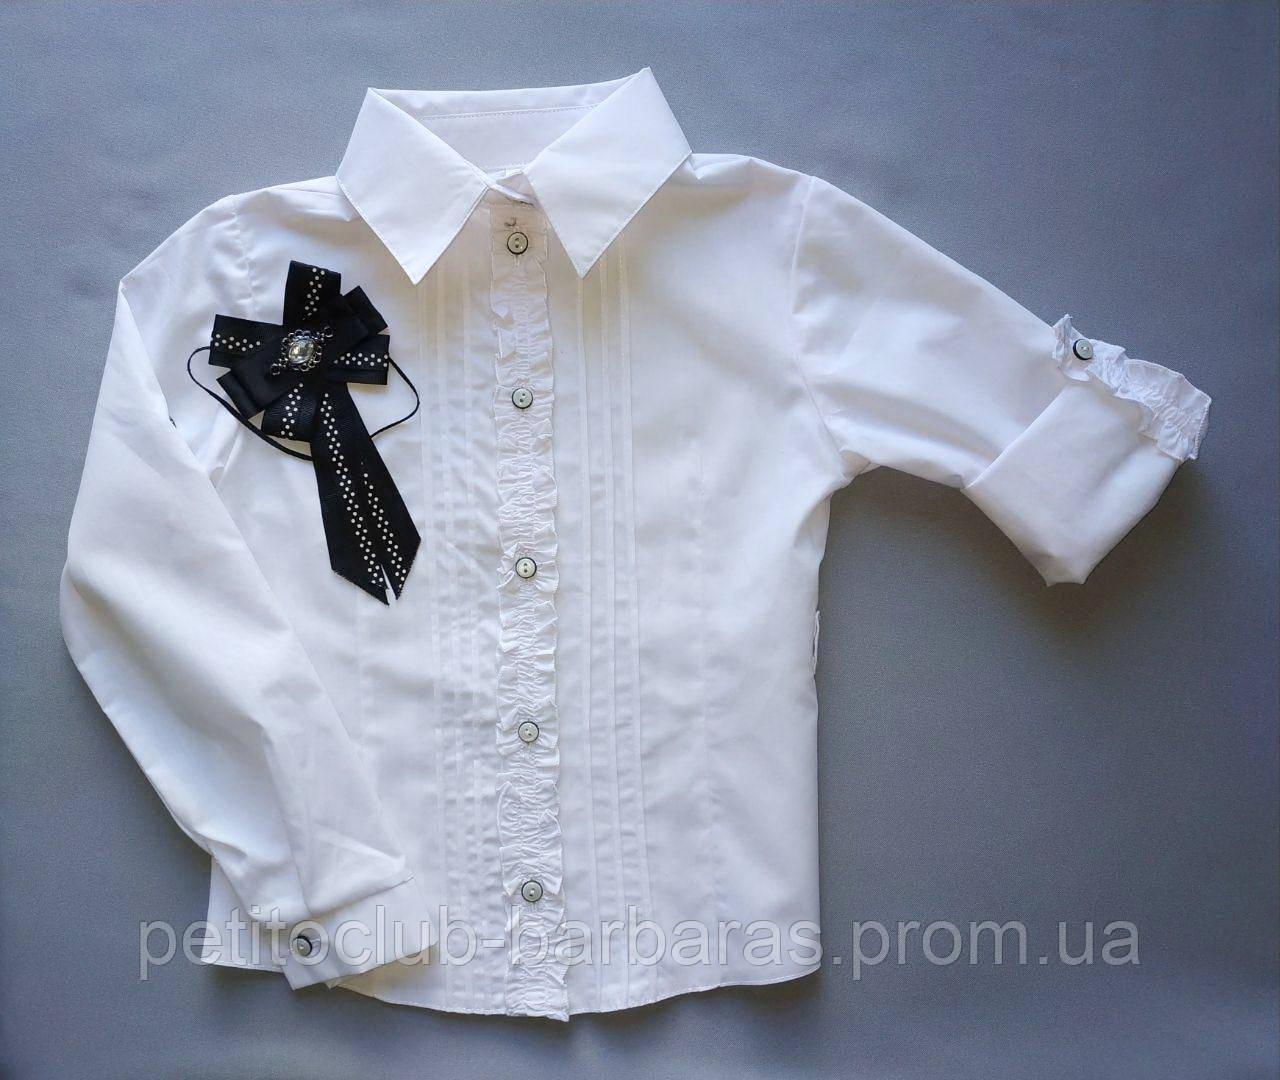 Детская блуза-трансформер белая для девочки (Mariatex, Польша)